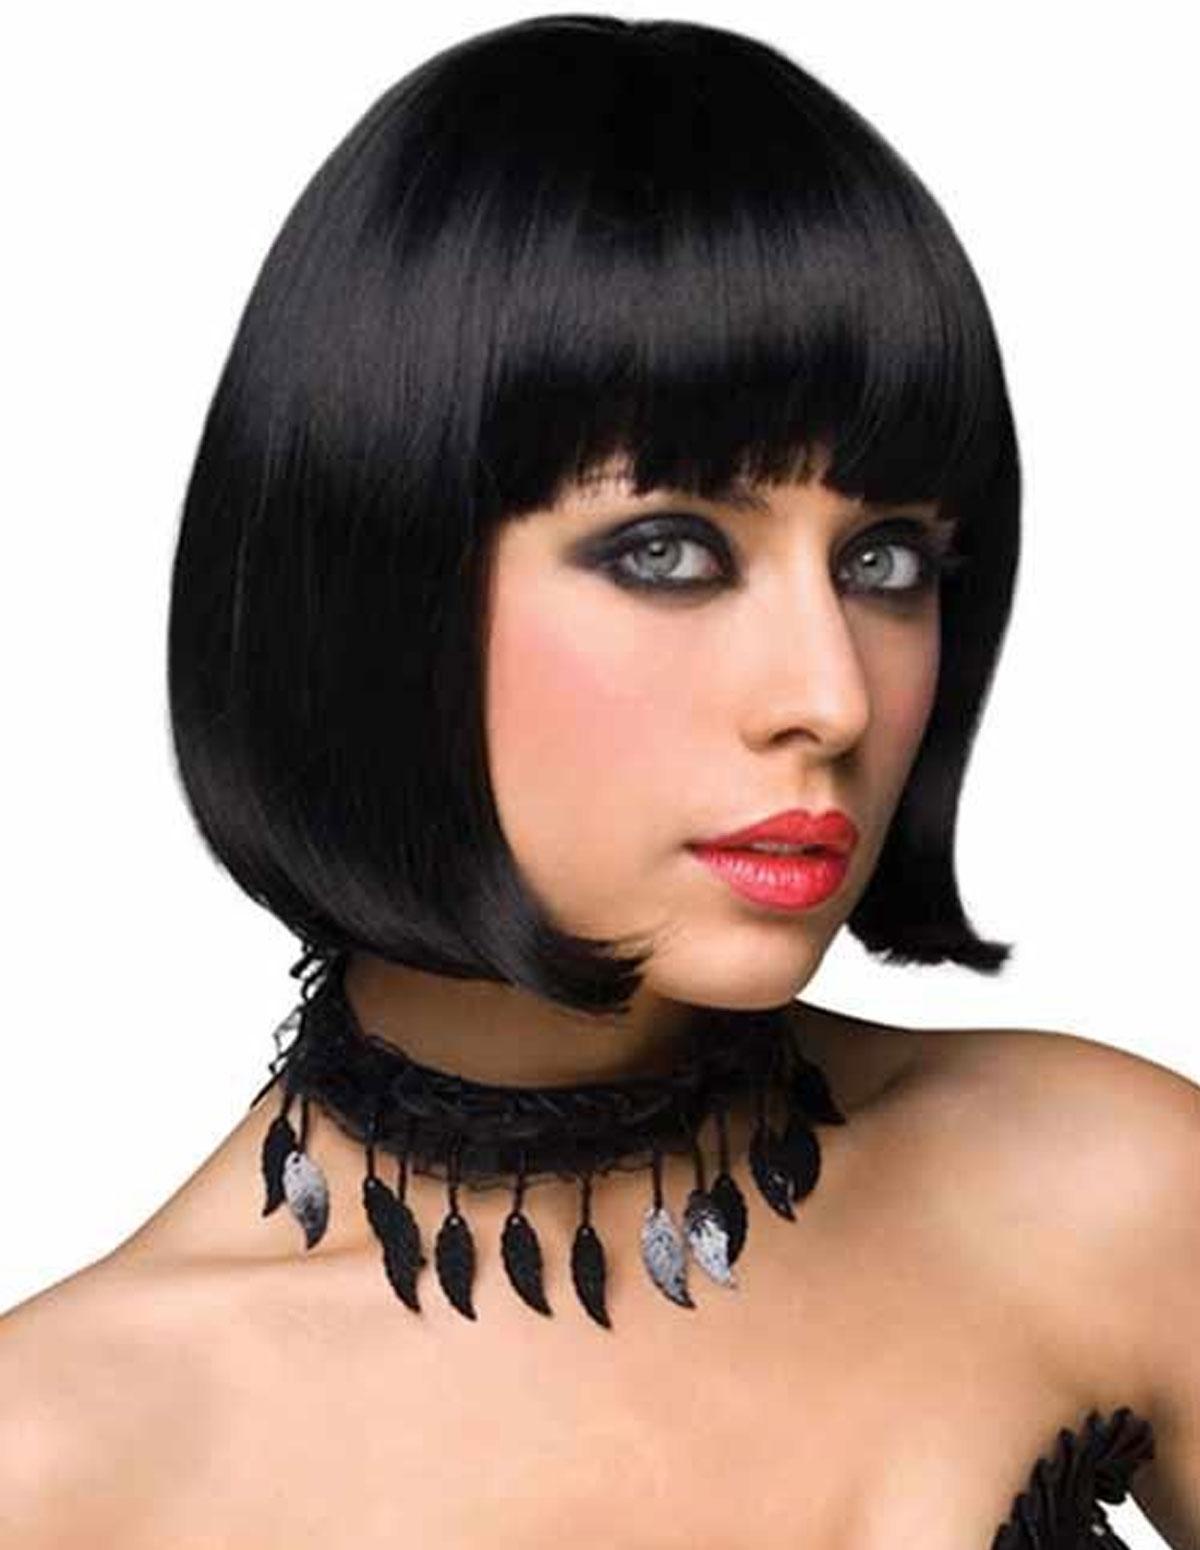 Cici Wig - Black